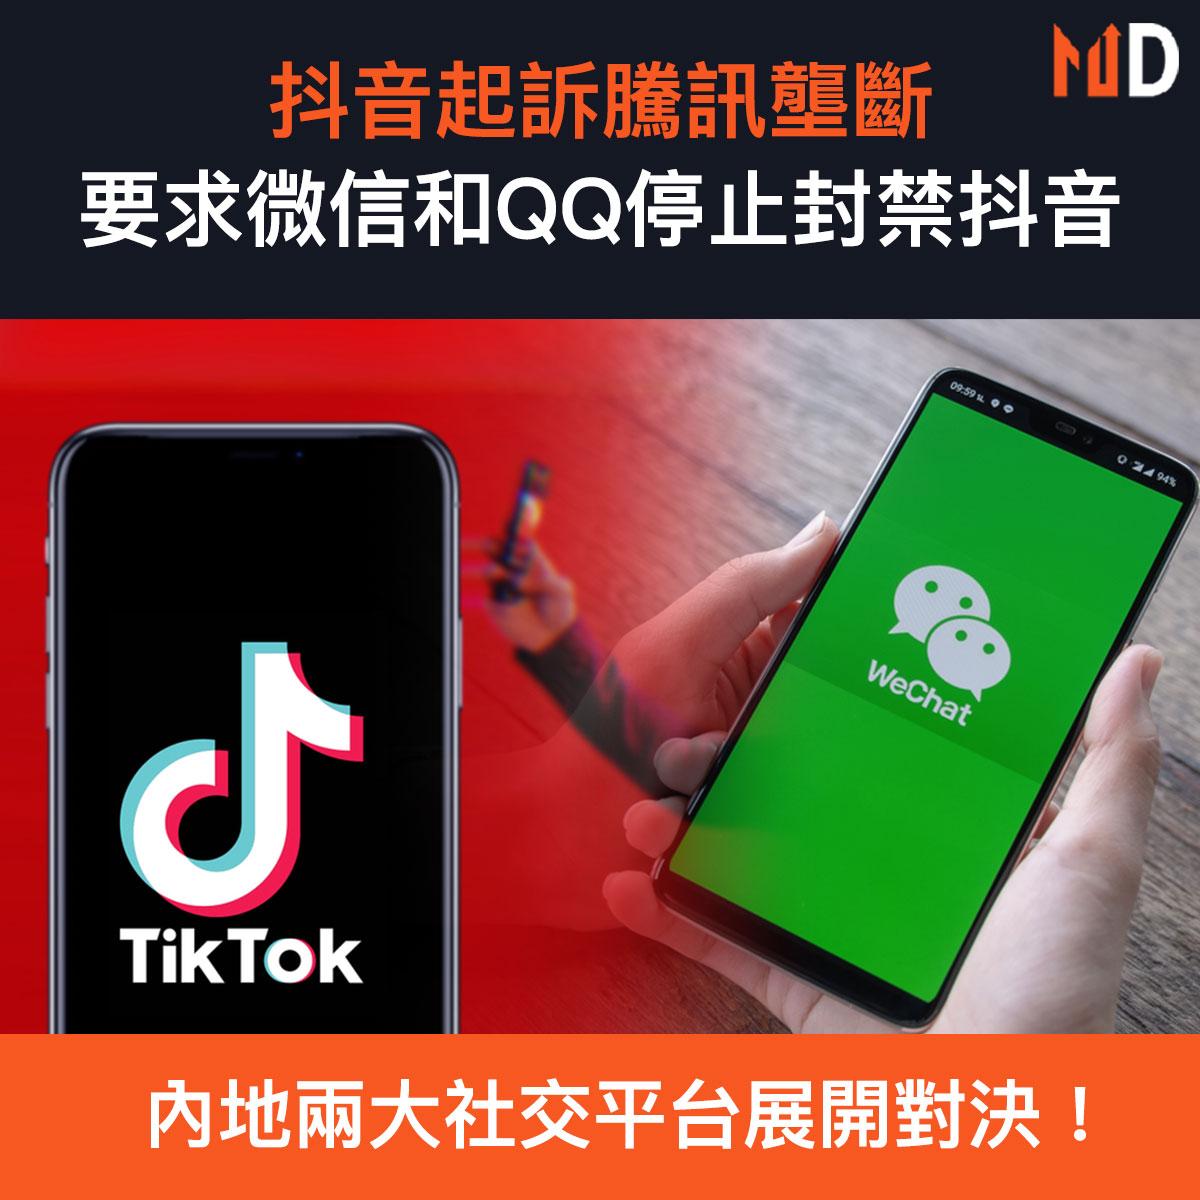 抖音起訴騰訊壟斷,要求微信和QQ停止封禁抖音